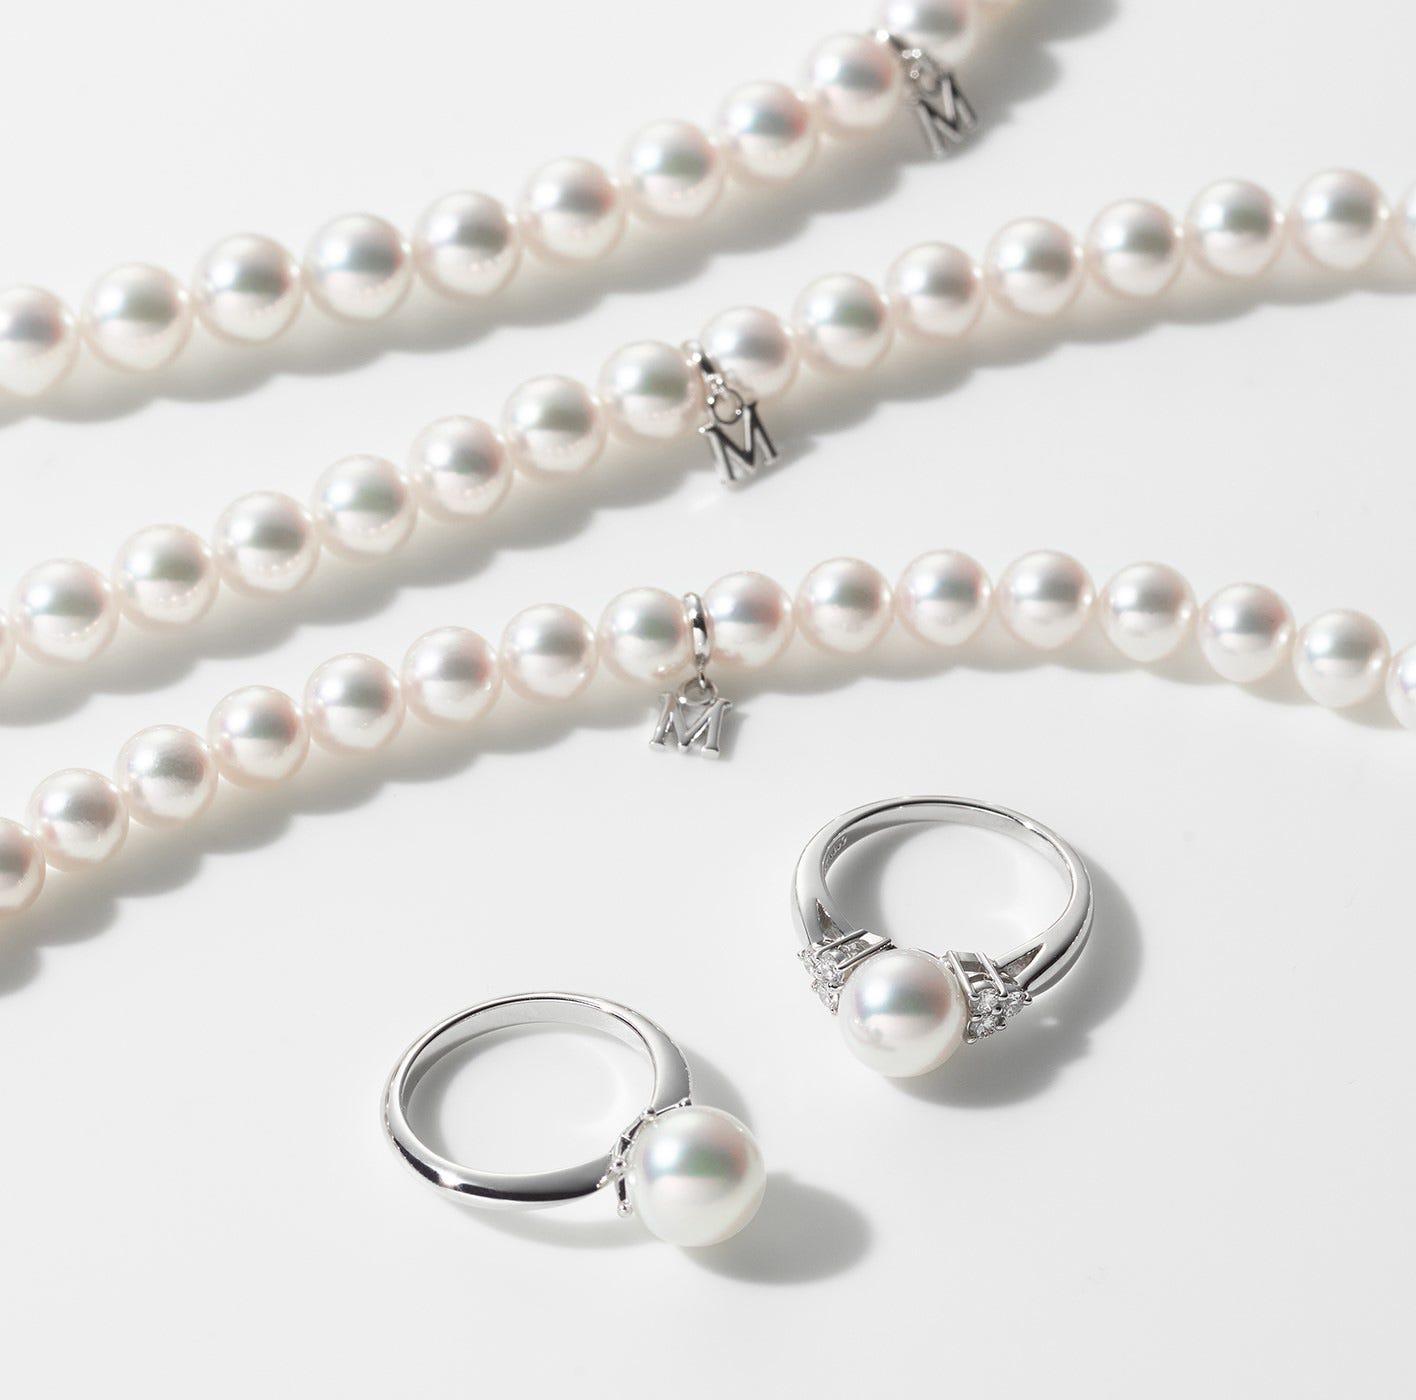 珍珠婚— 慶祝結婚紀念日的珍珠珠寶